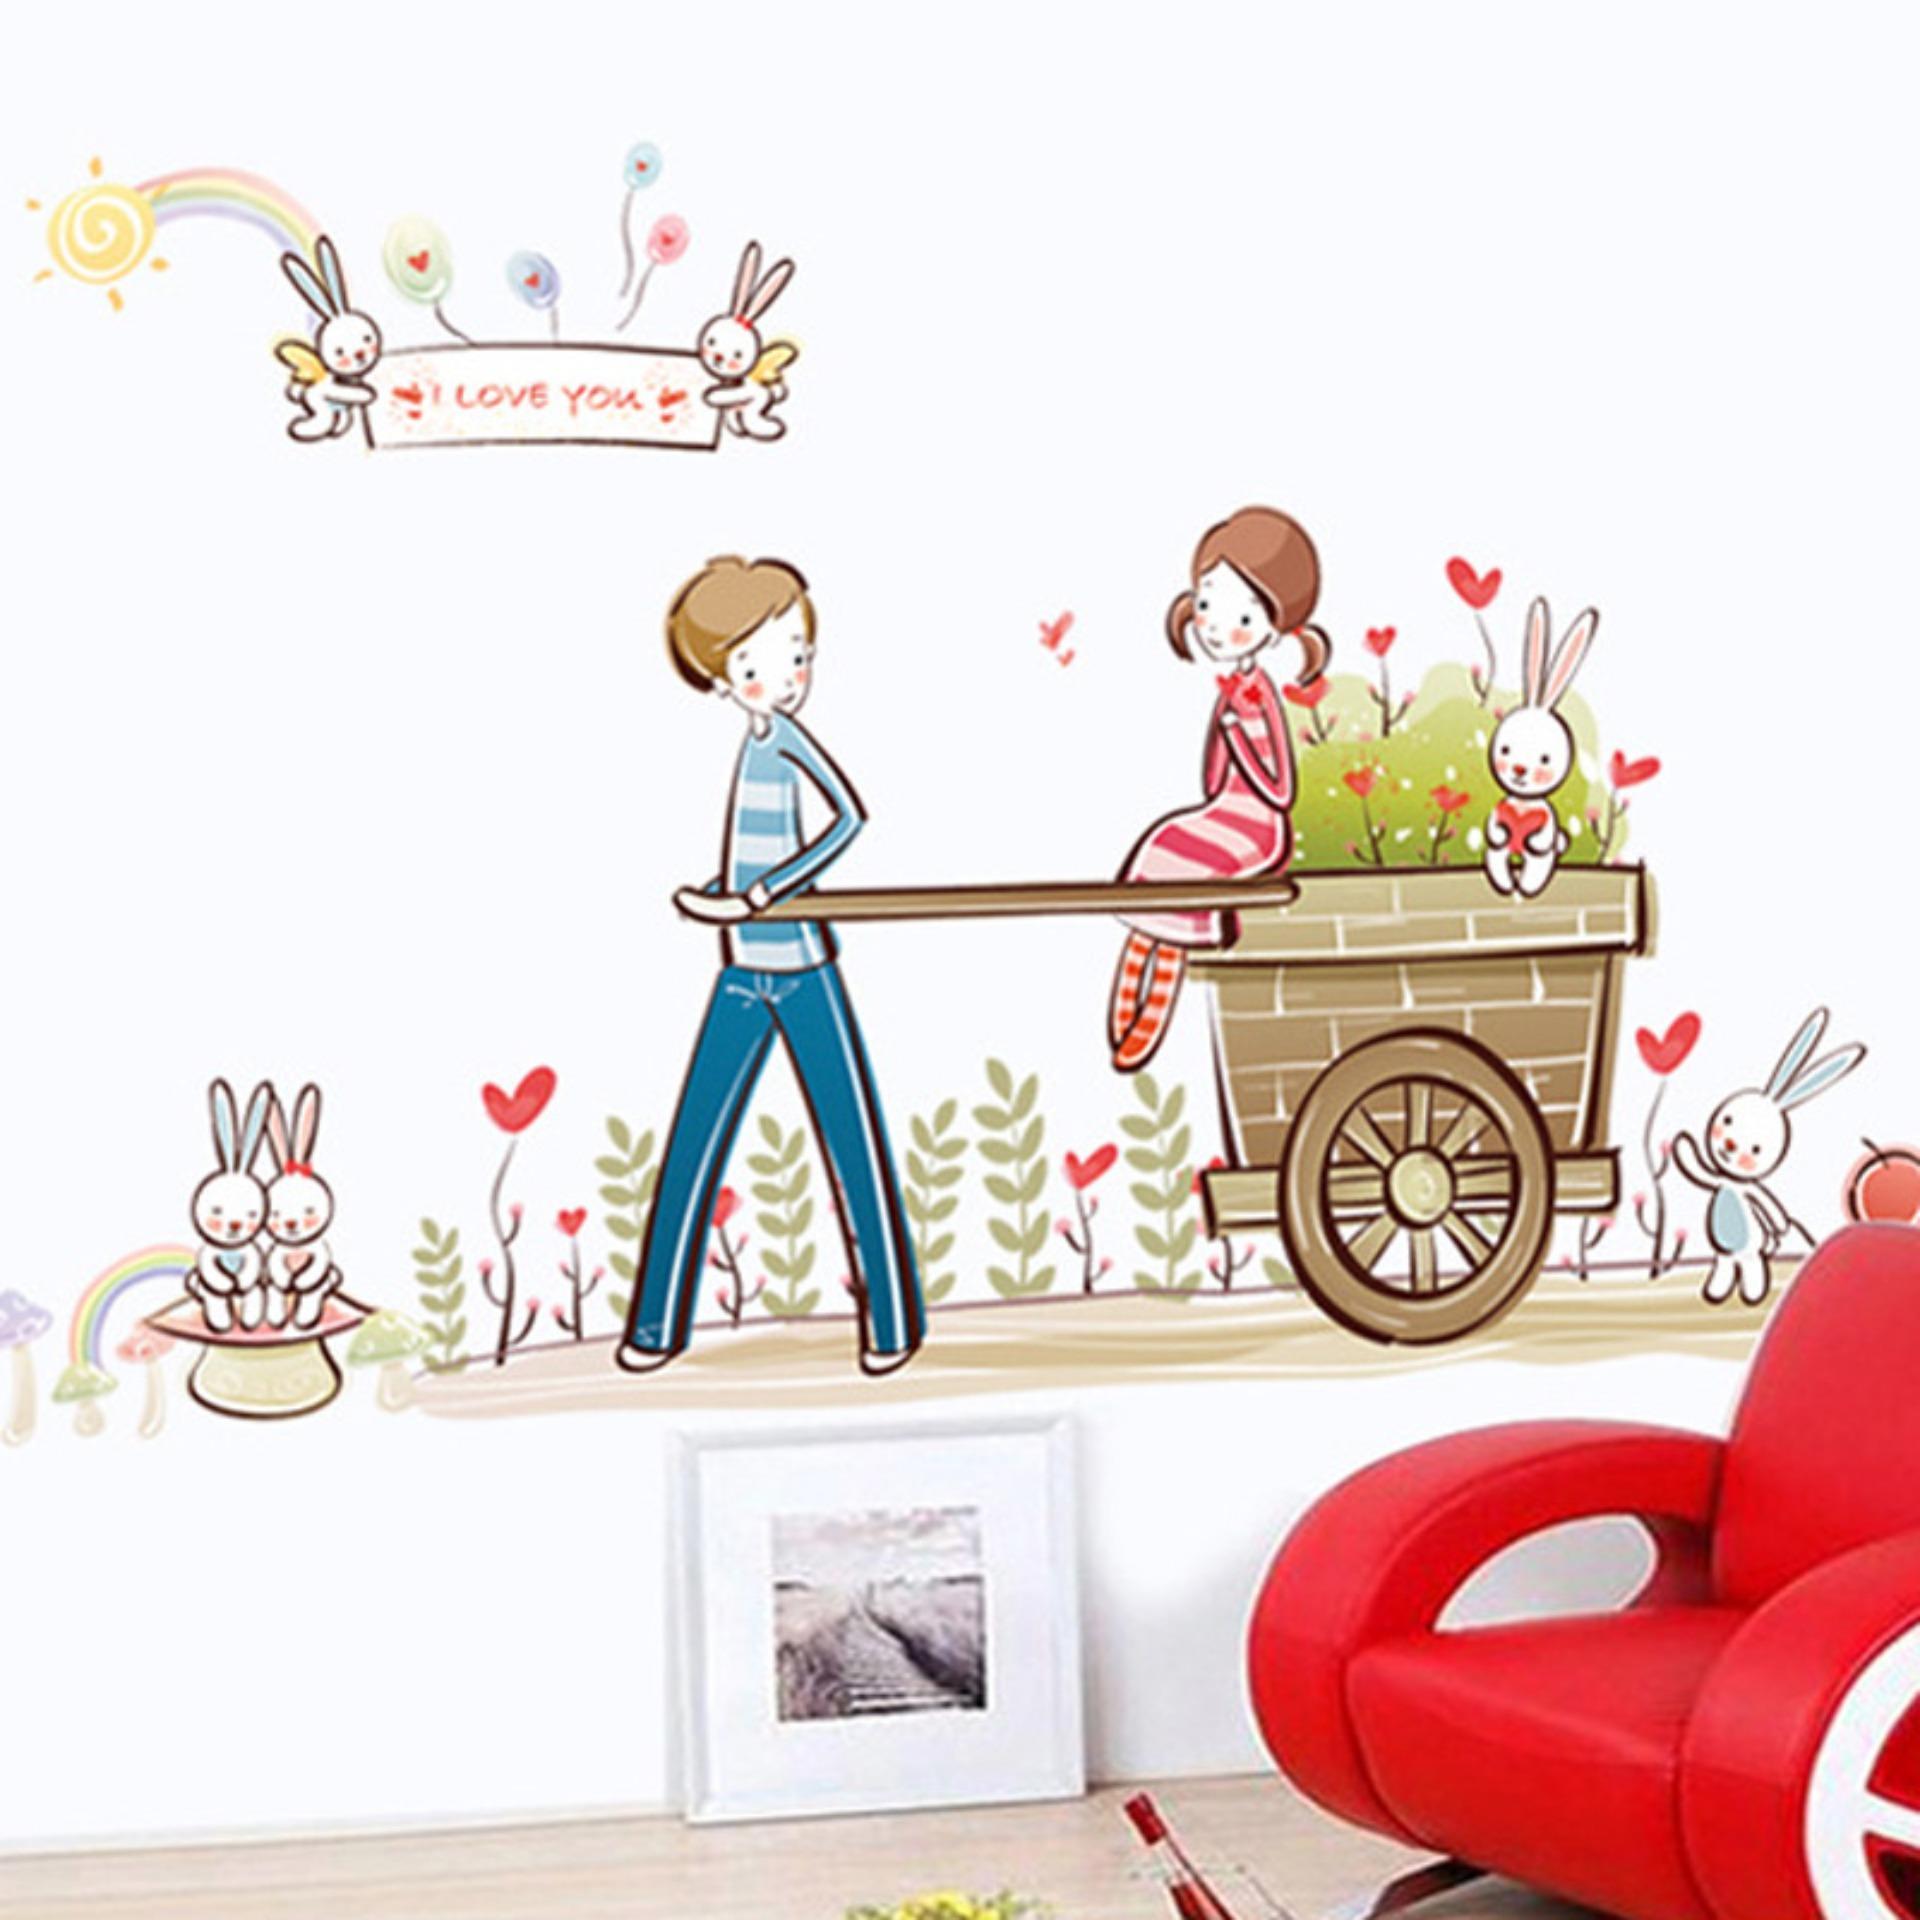 Cách mua Decal dán tường tình yêu lãng mạn cho bé AY7094